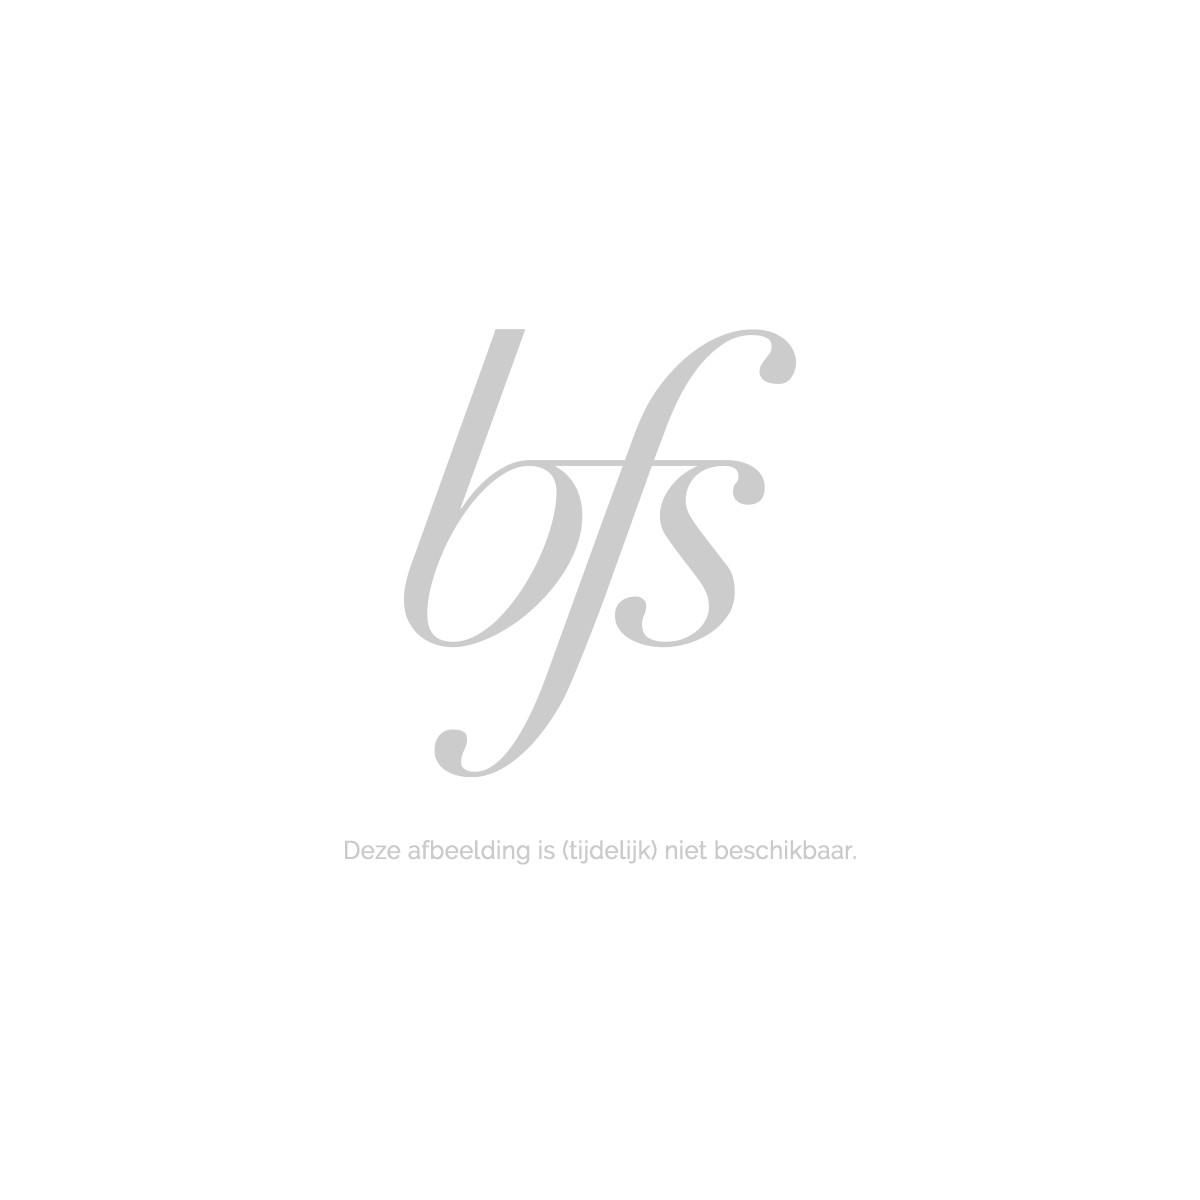 Shiseido Men Skin Empowering Cream Intensive Anti-Wrinkle / Firming / Radiance 50 Ml